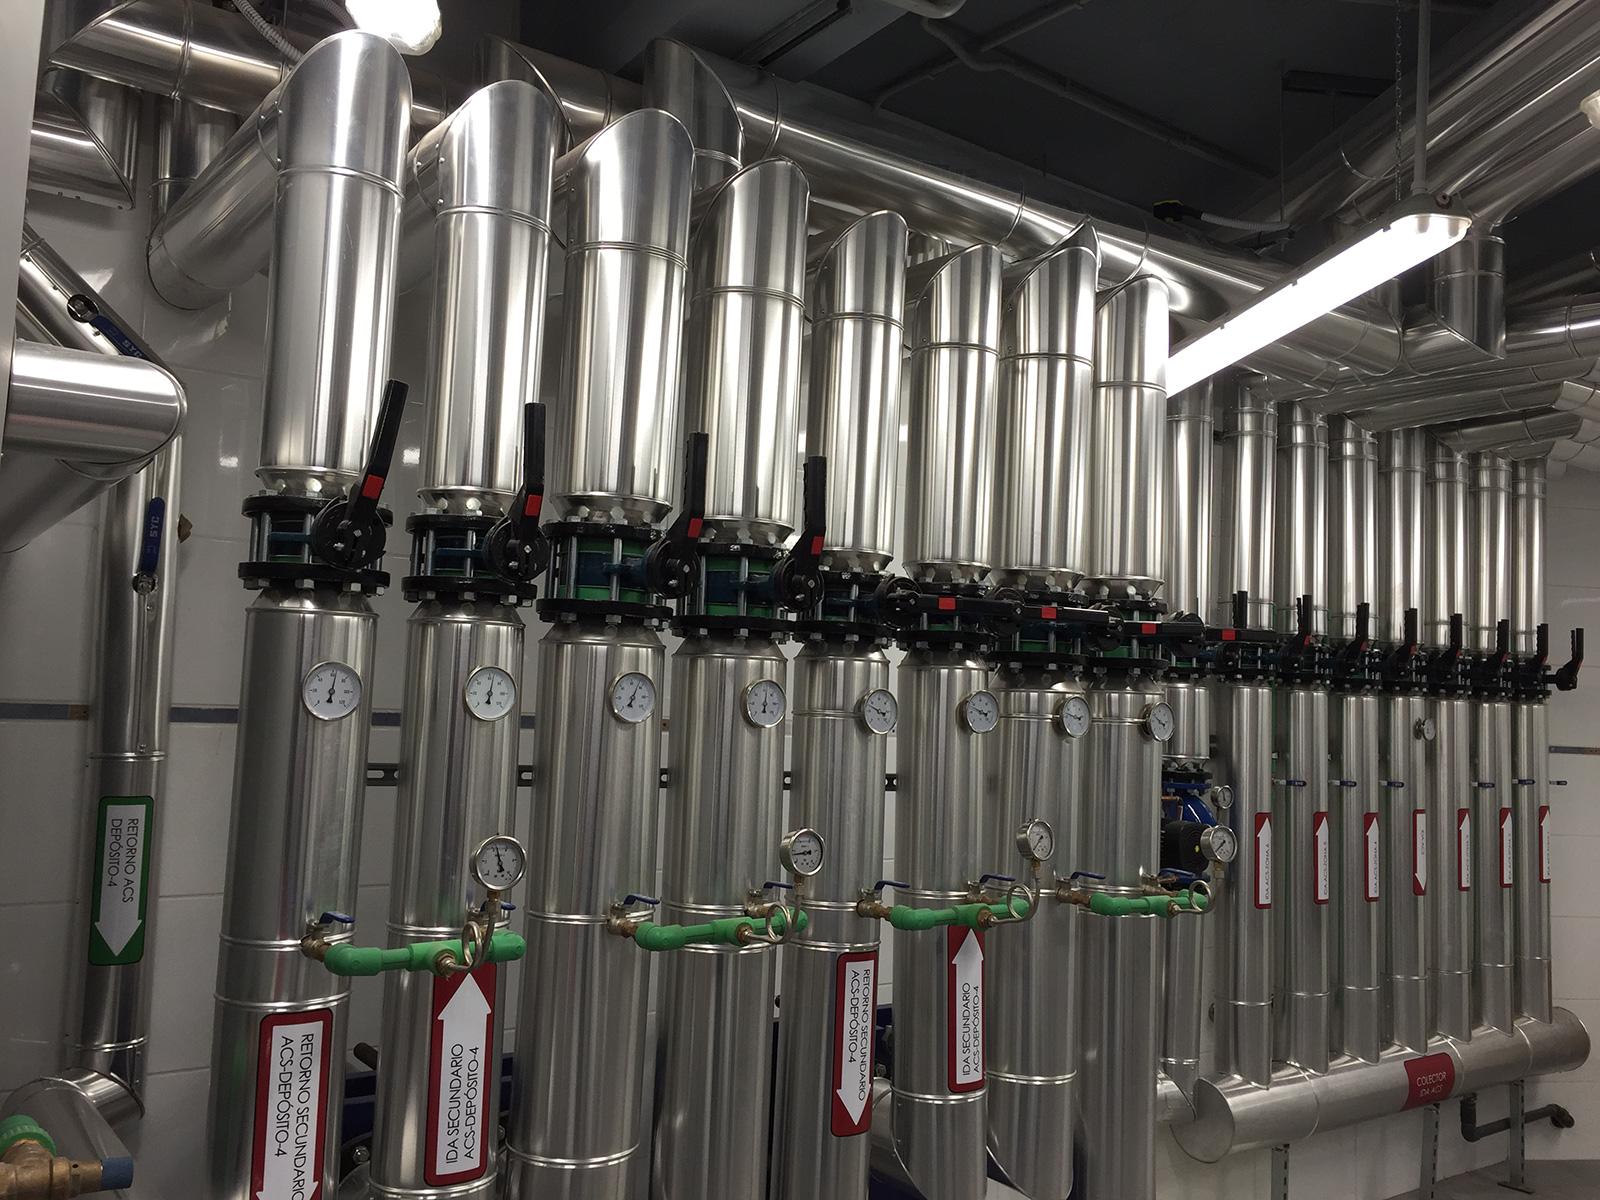 Renovación integral de las instalaciones térmicas  mediante sistema de energía solar térmica con apoyo con calderas de baja temperatura y sistema de distribución eficiente.